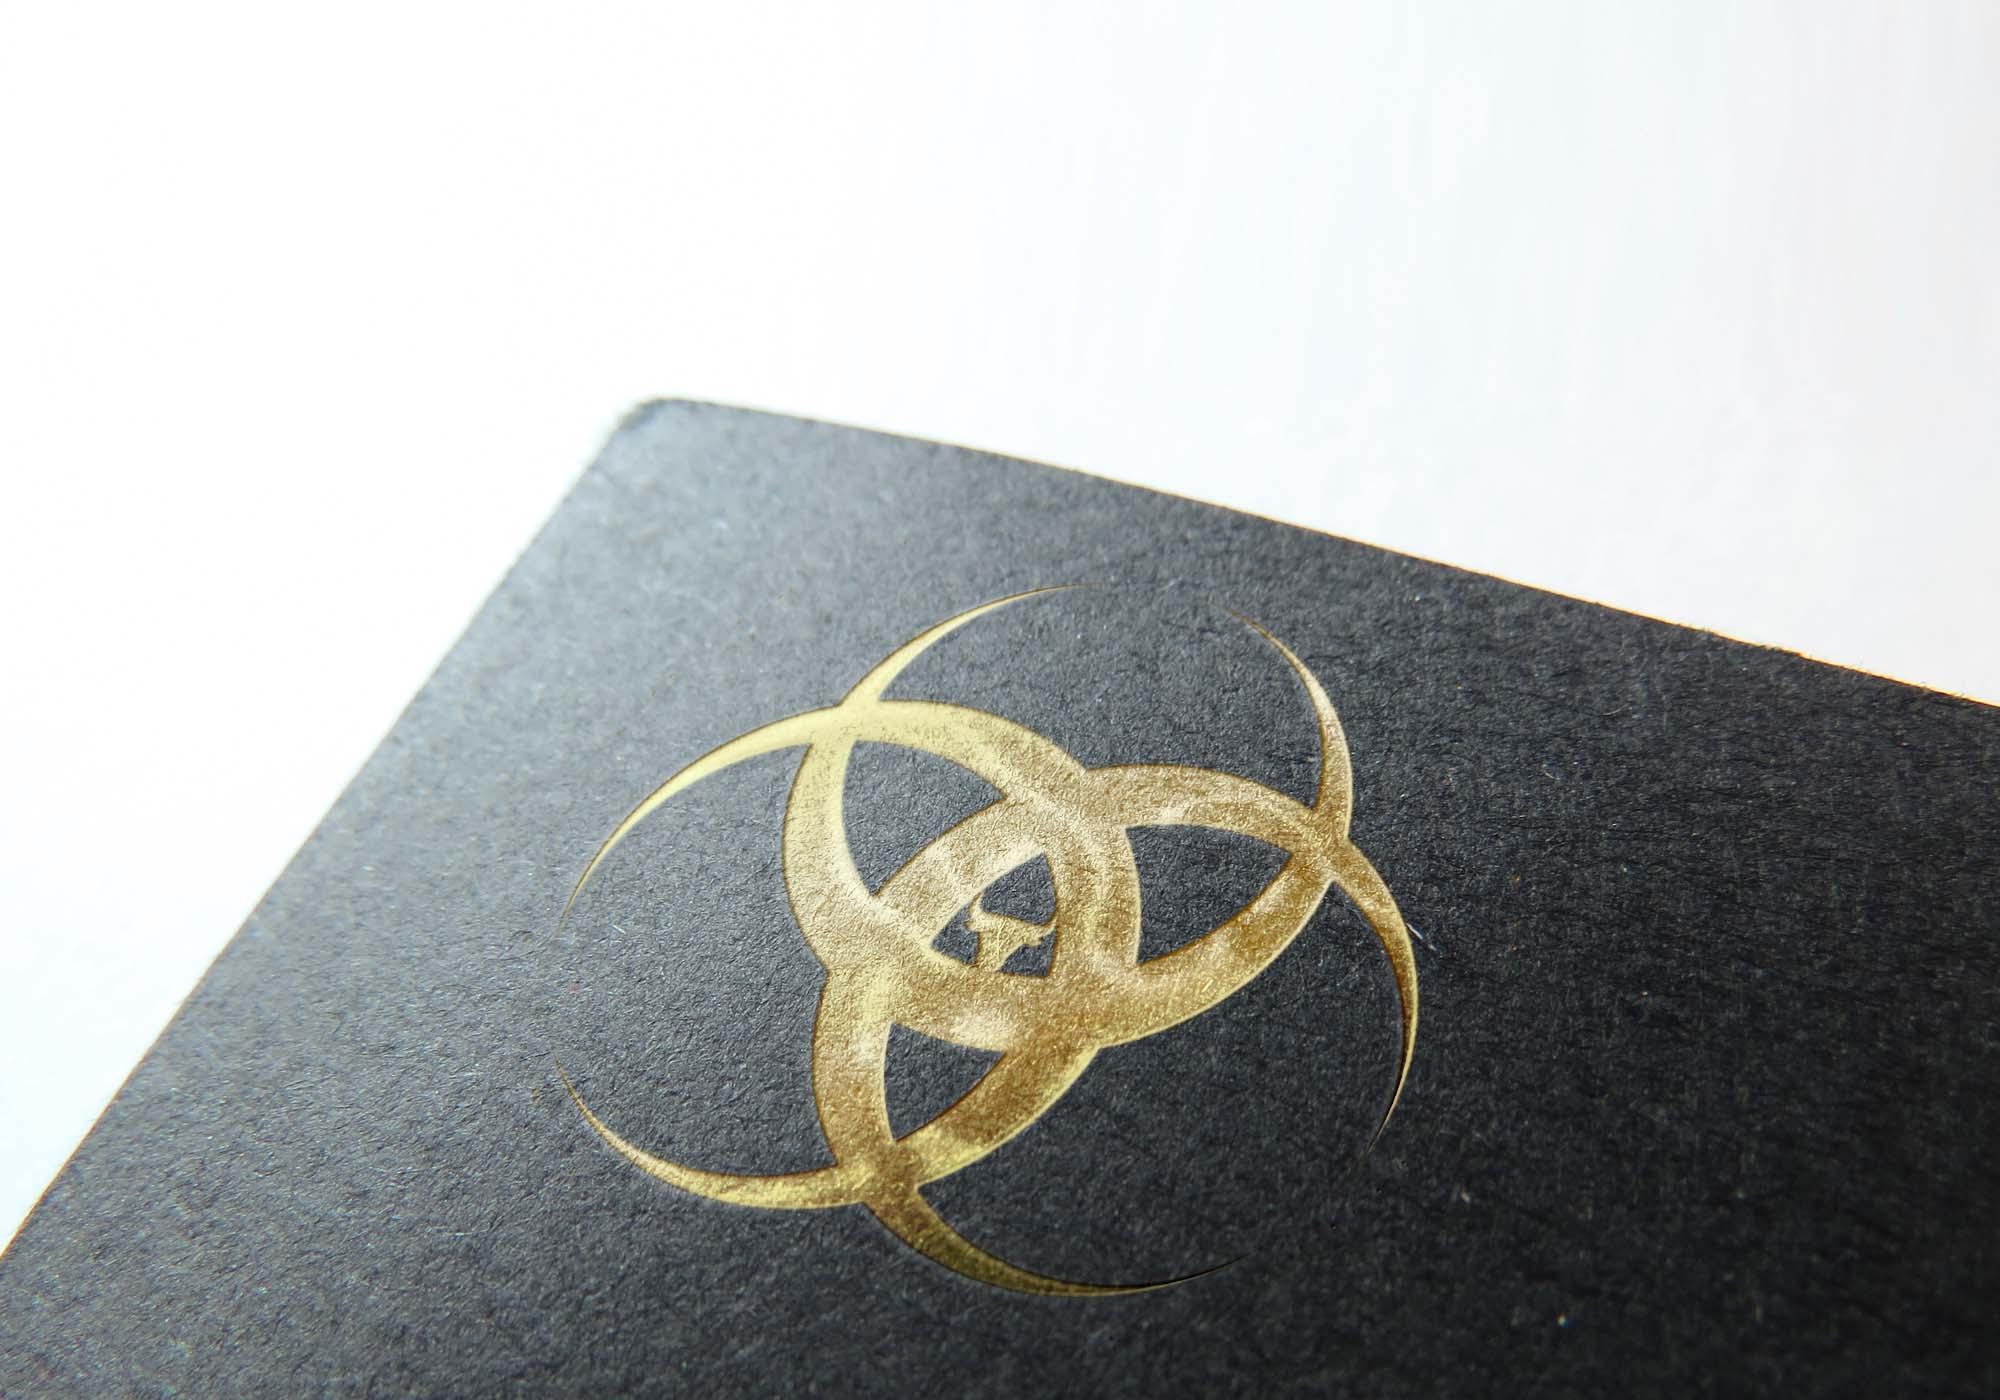 Slick Gold Foil Stamp Mockup 2